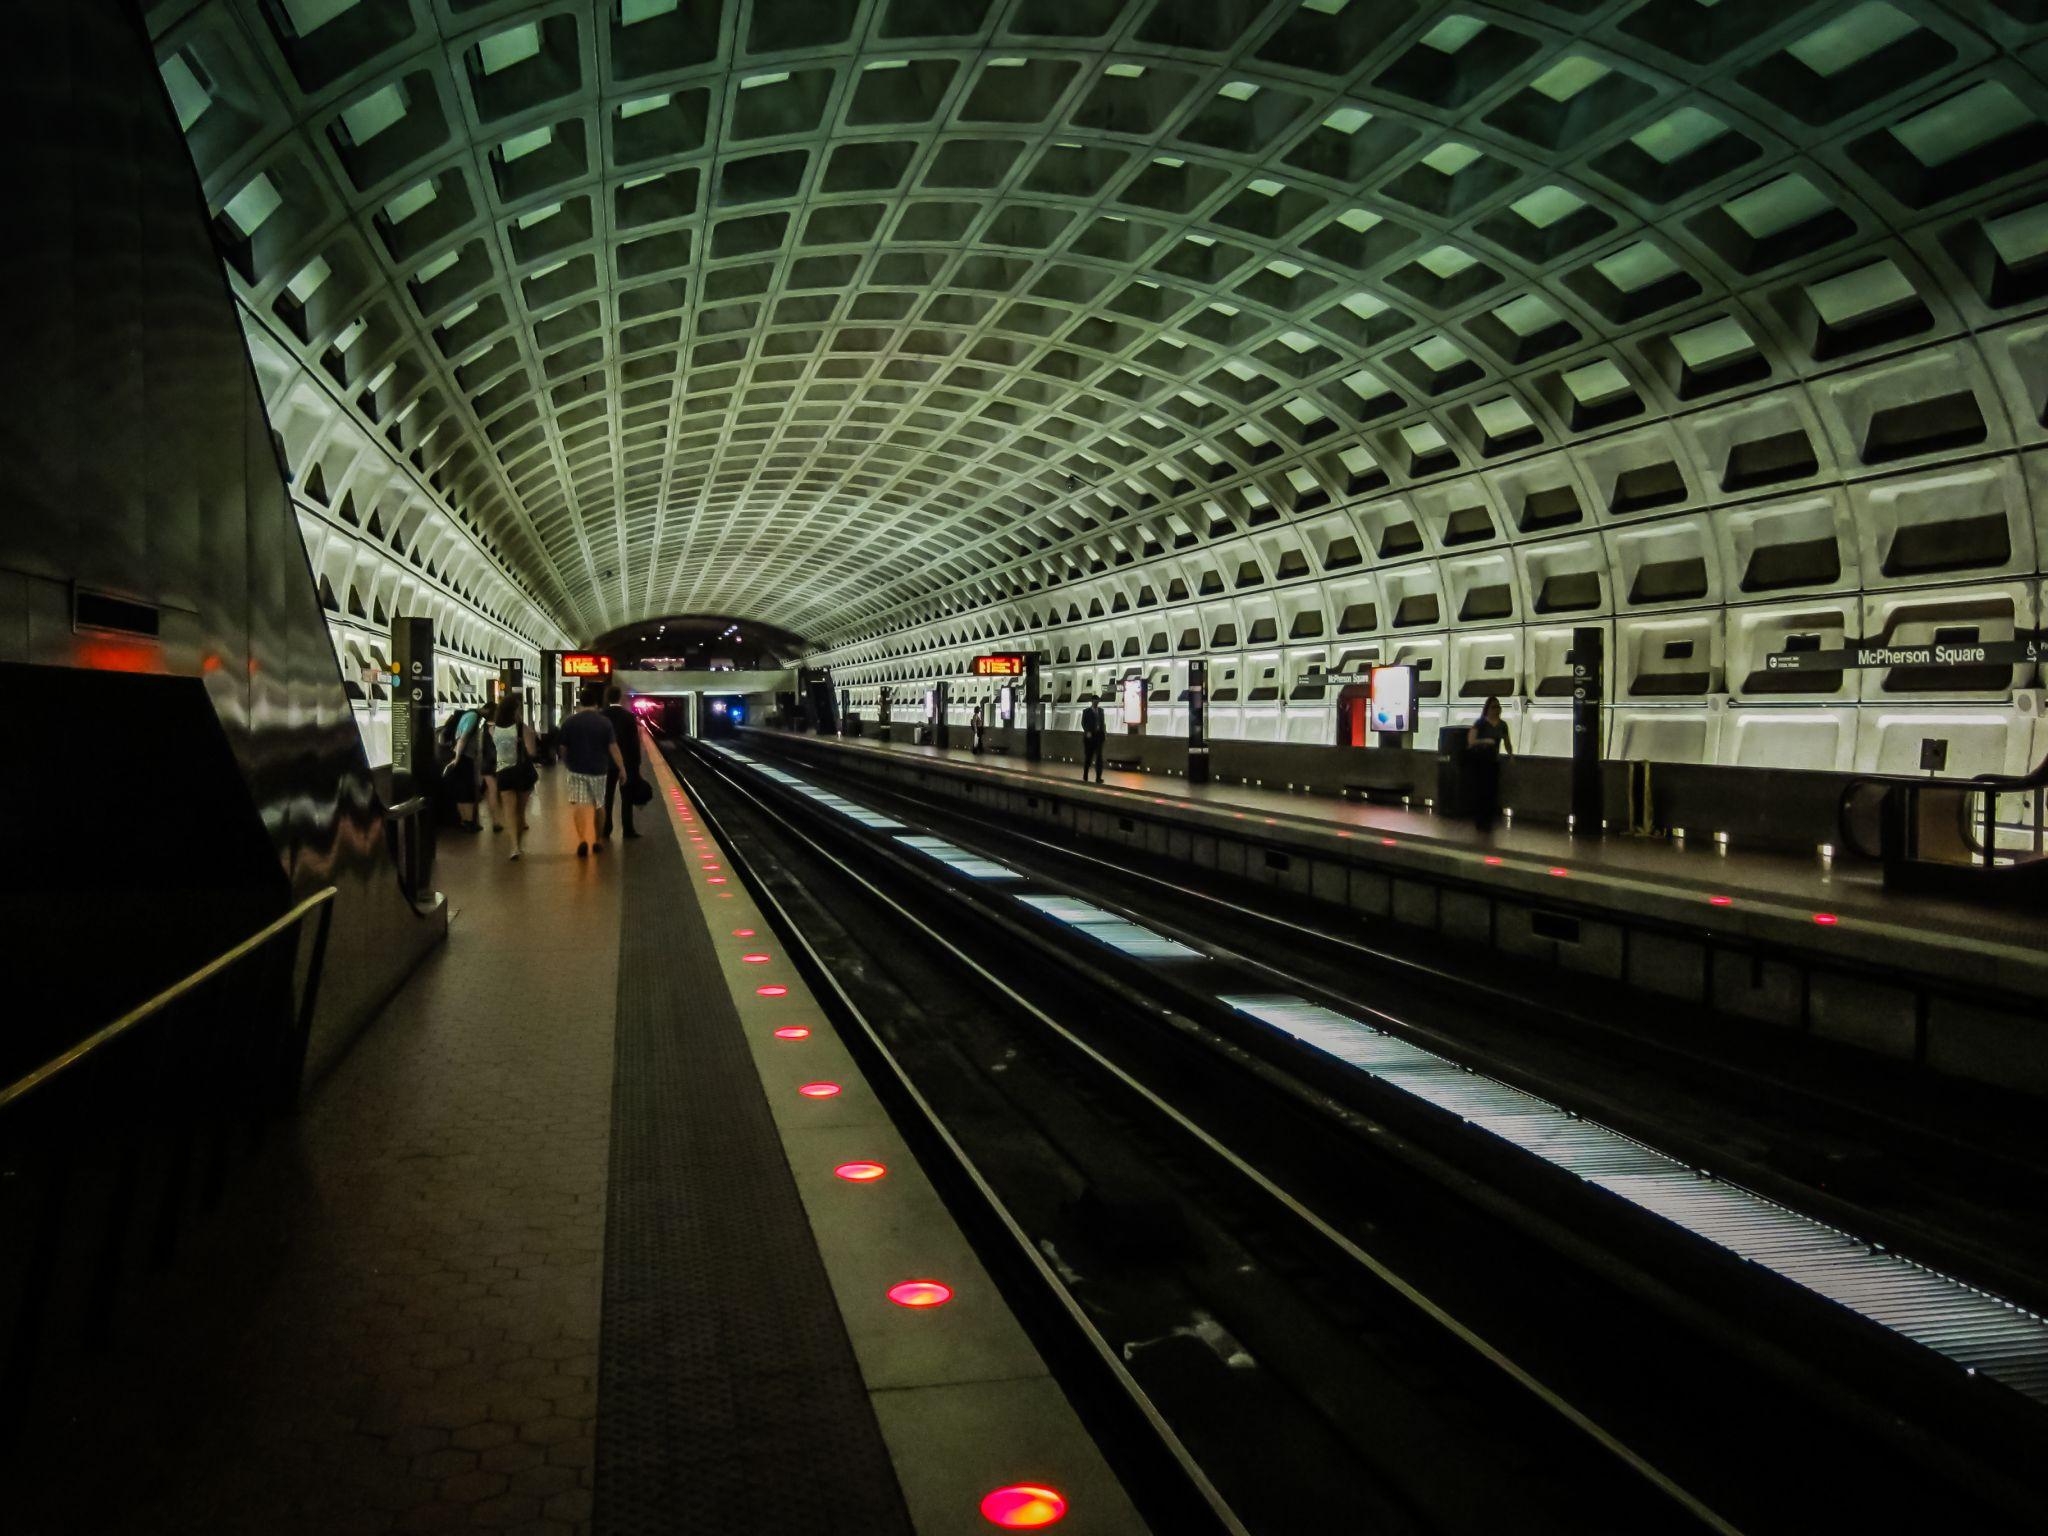 Washington DC Subway, USA